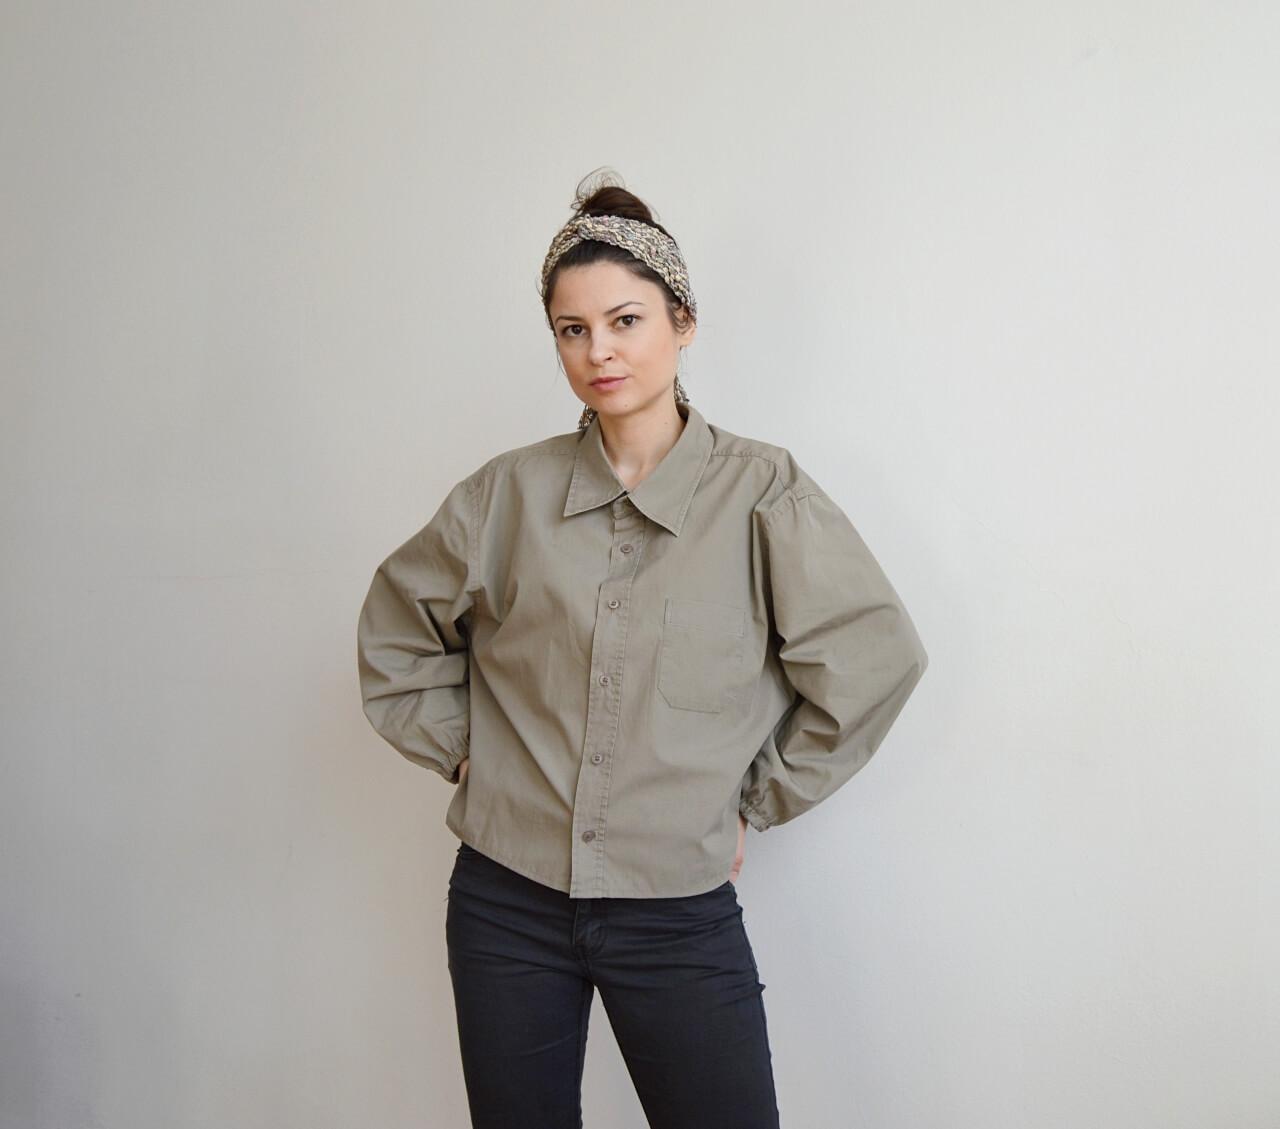 Khaki zelená dámska upcyklovaná blúzka.